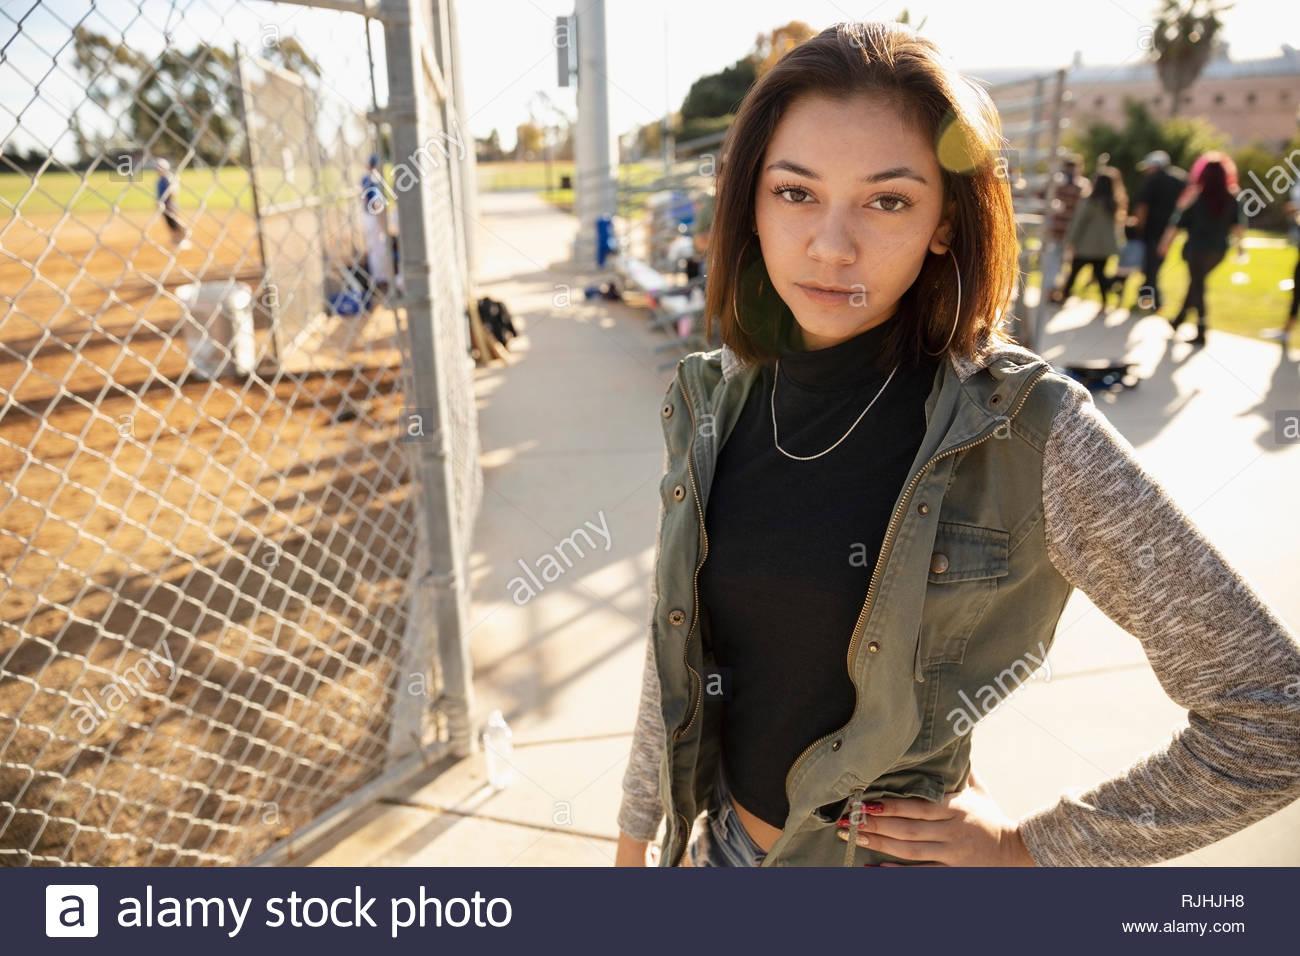 Retrato joven confiada en el juego de béisbol Imagen De Stock